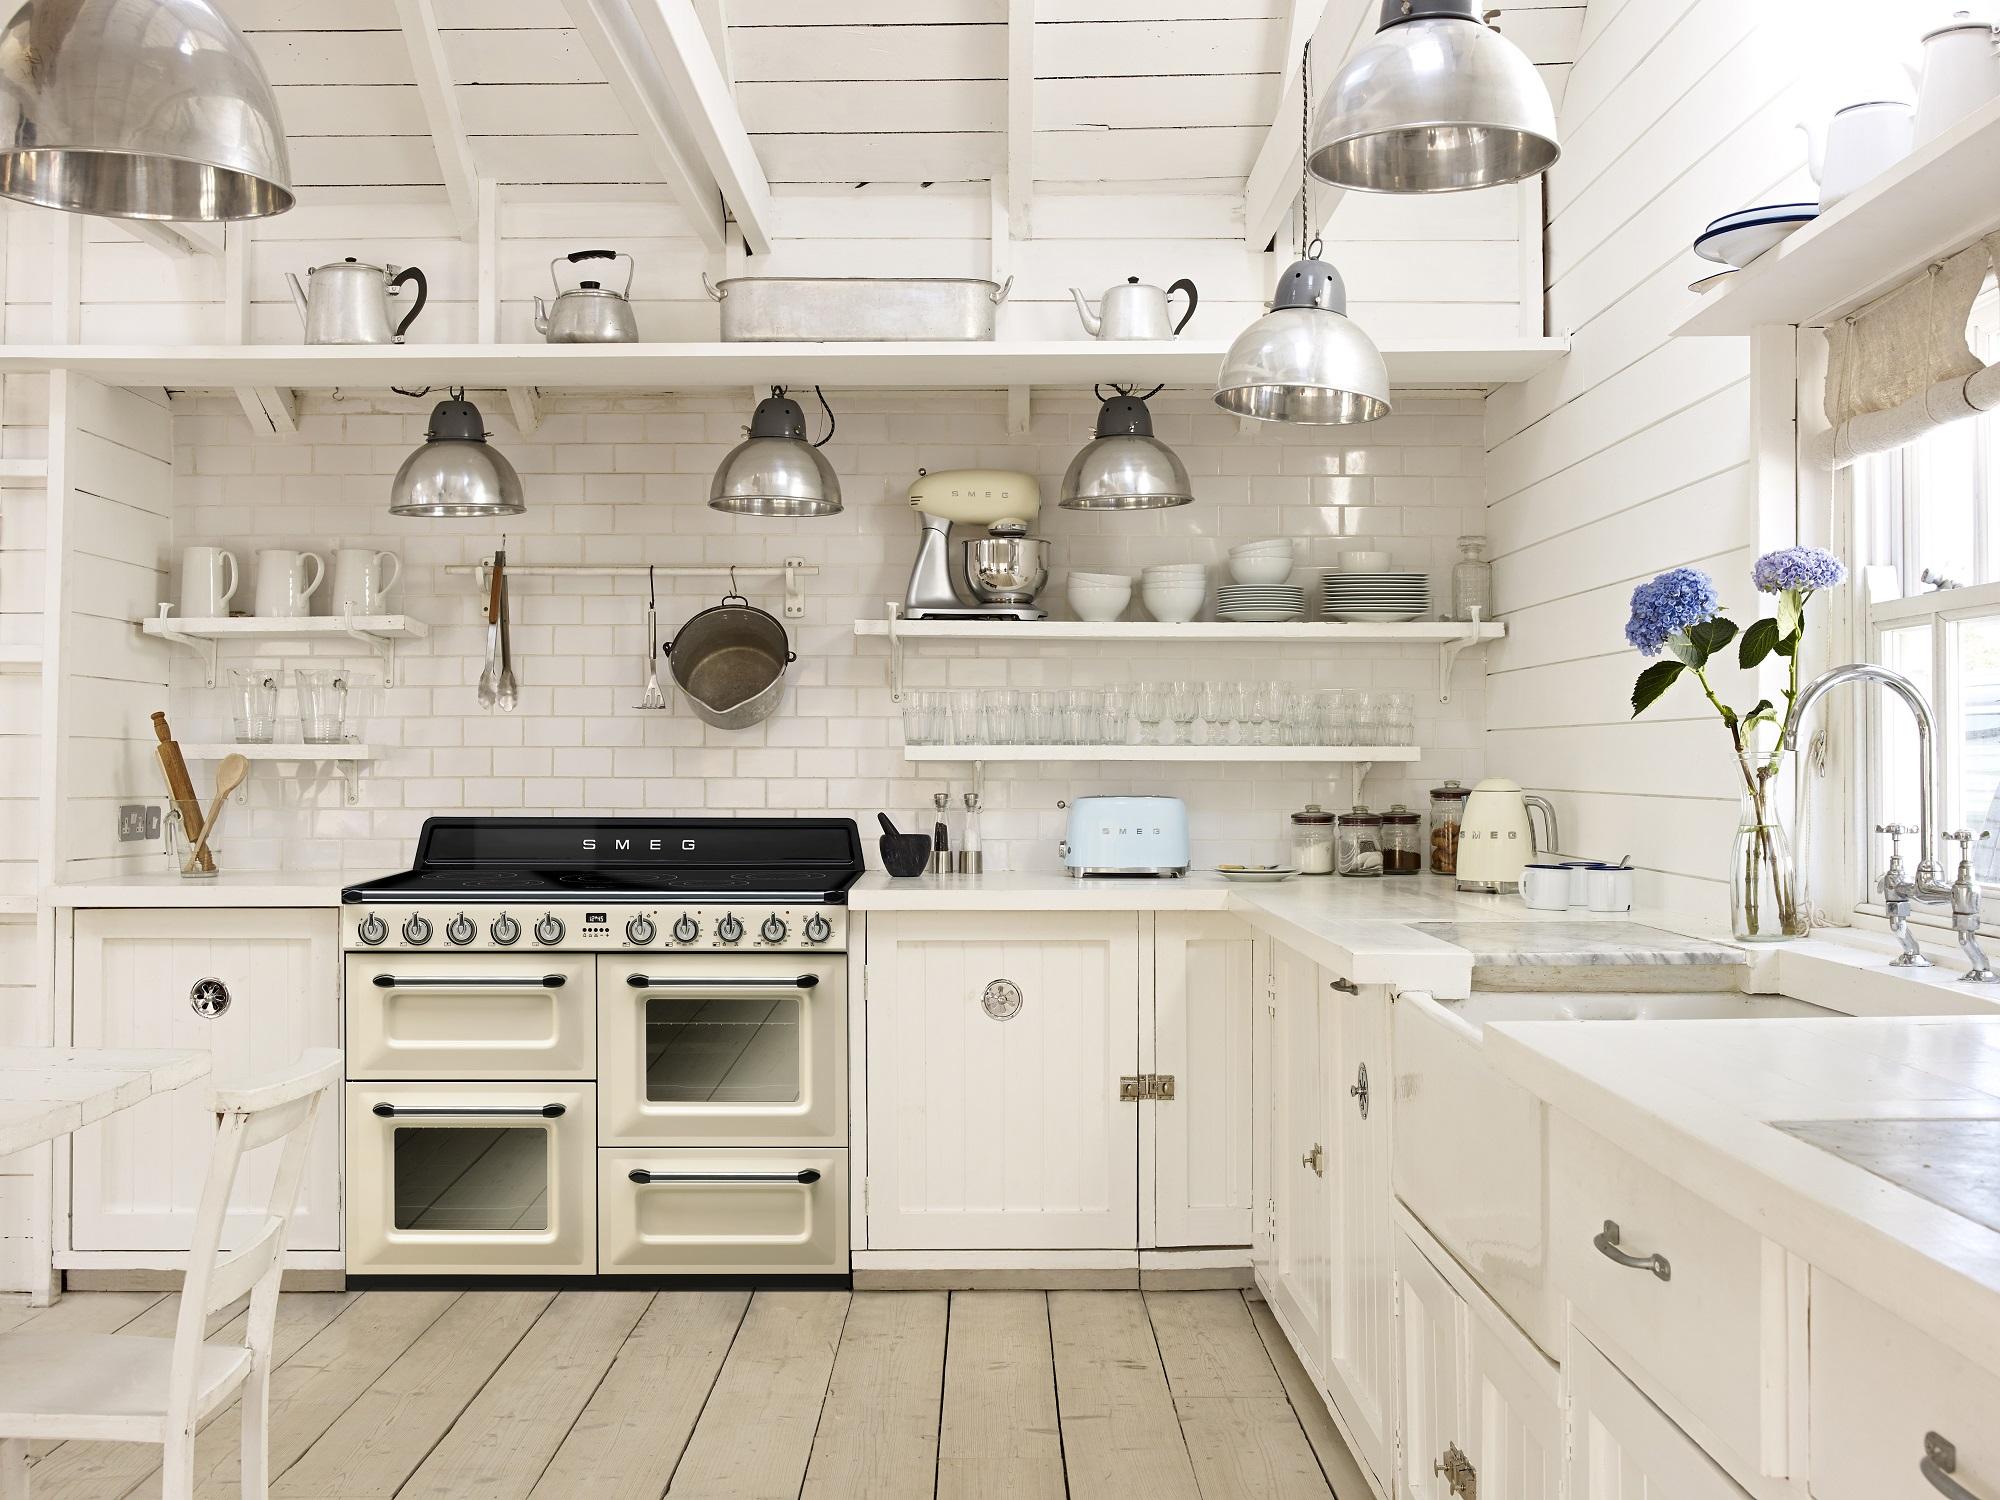 smeg keukenapparatuur in jaren 50 stijl nieuws startpagina voor keuken idee n uw. Black Bedroom Furniture Sets. Home Design Ideas